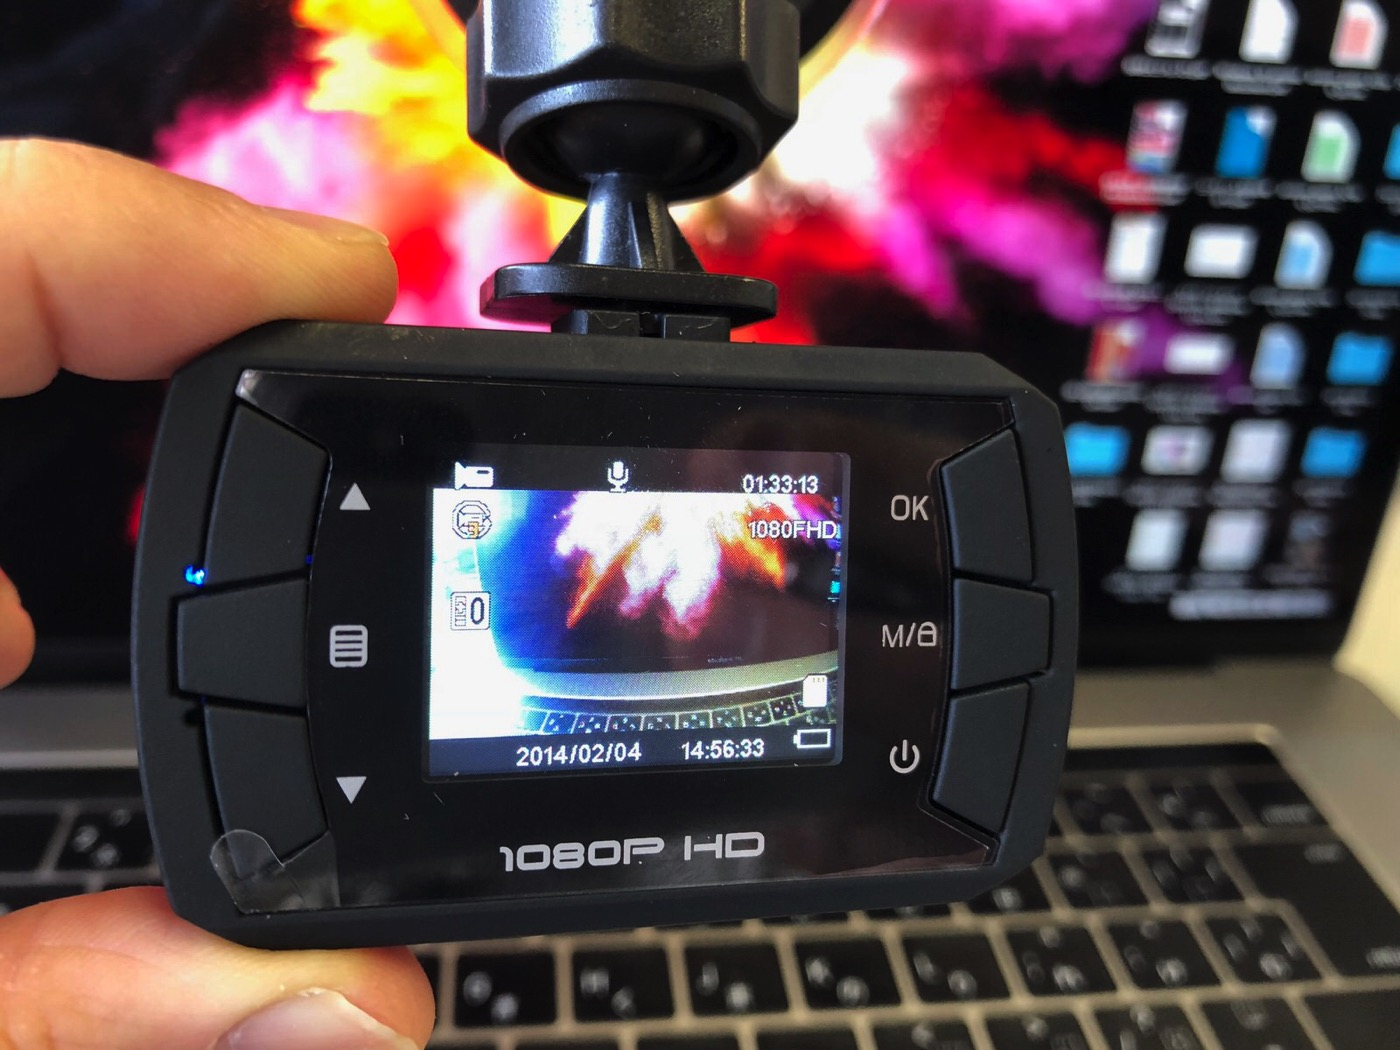 Toguard ドライブレコーダー ドラレコ 1080P フルHD 動き検知 常時録画 上書き録画 Gセンサー搭載 16Gカード付属-11